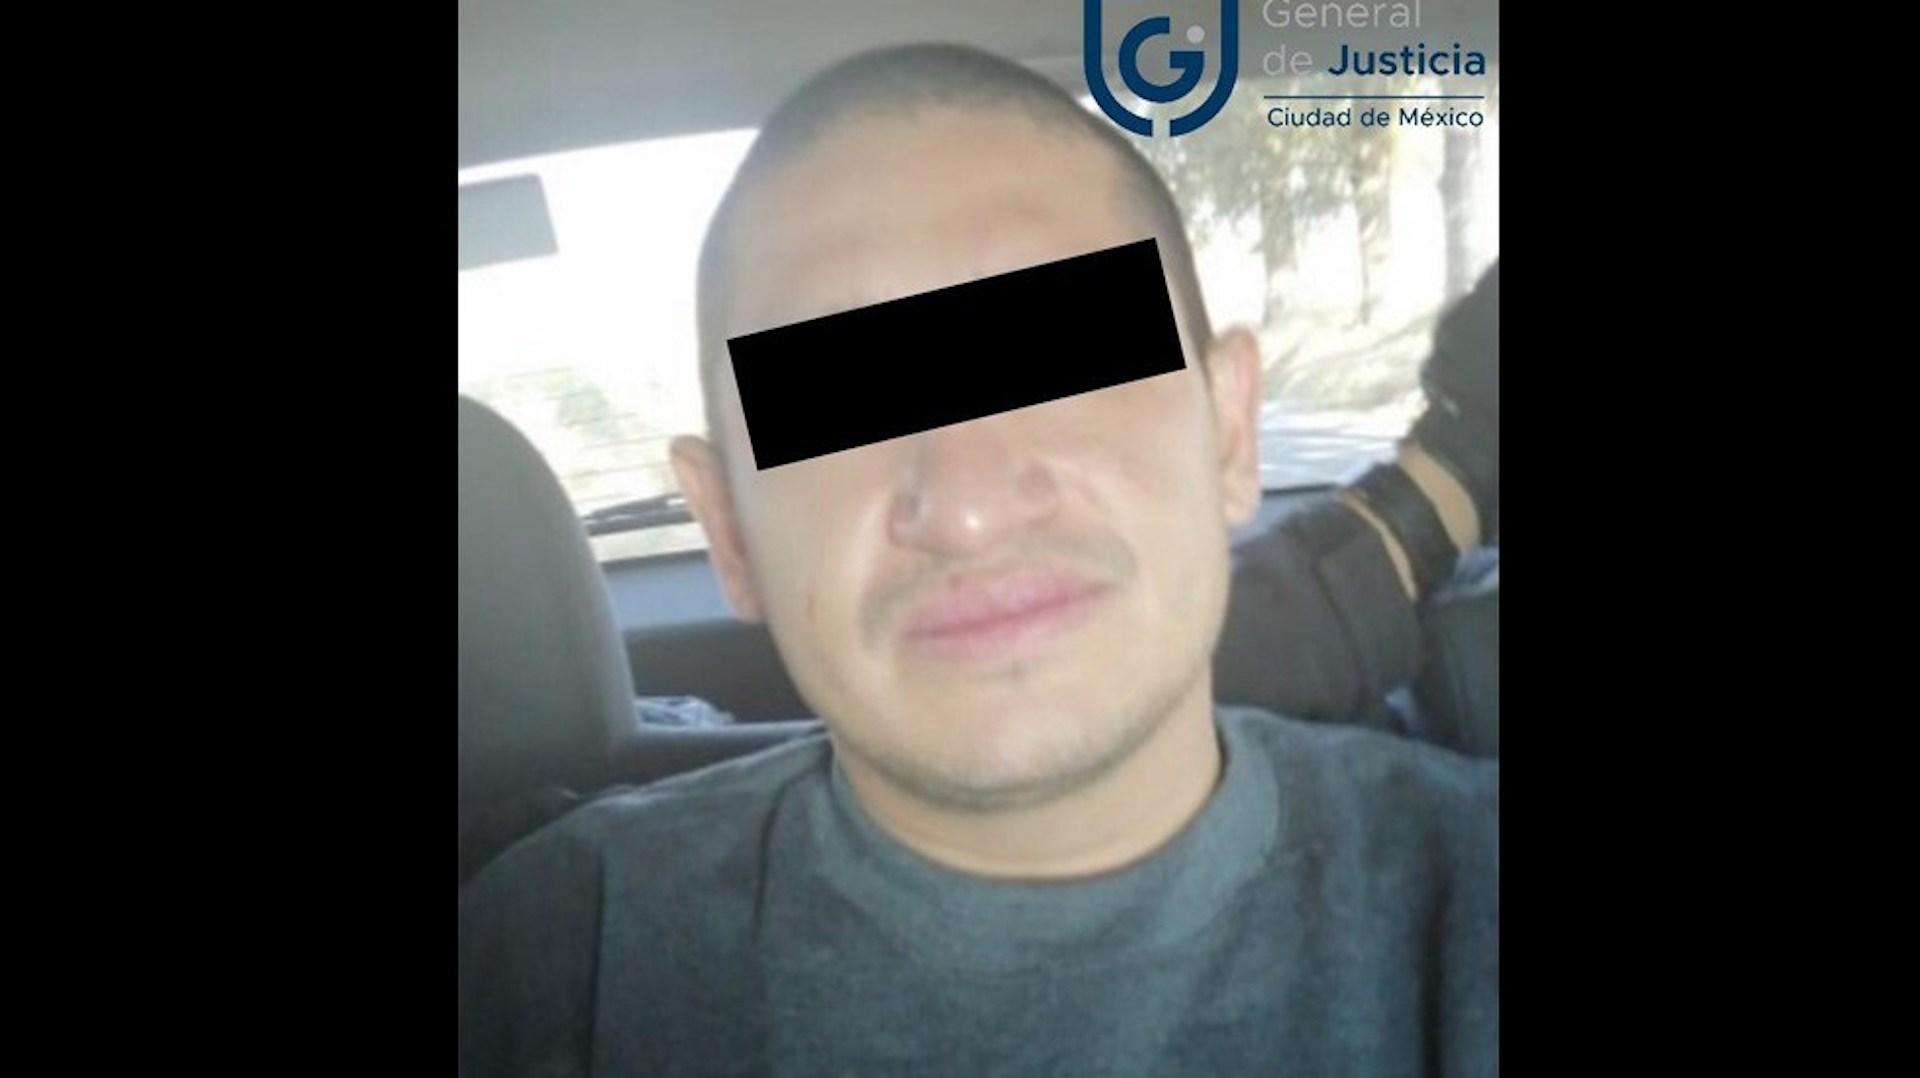 Foto de Fiscalía General de Justicia de la Ciudad de México.